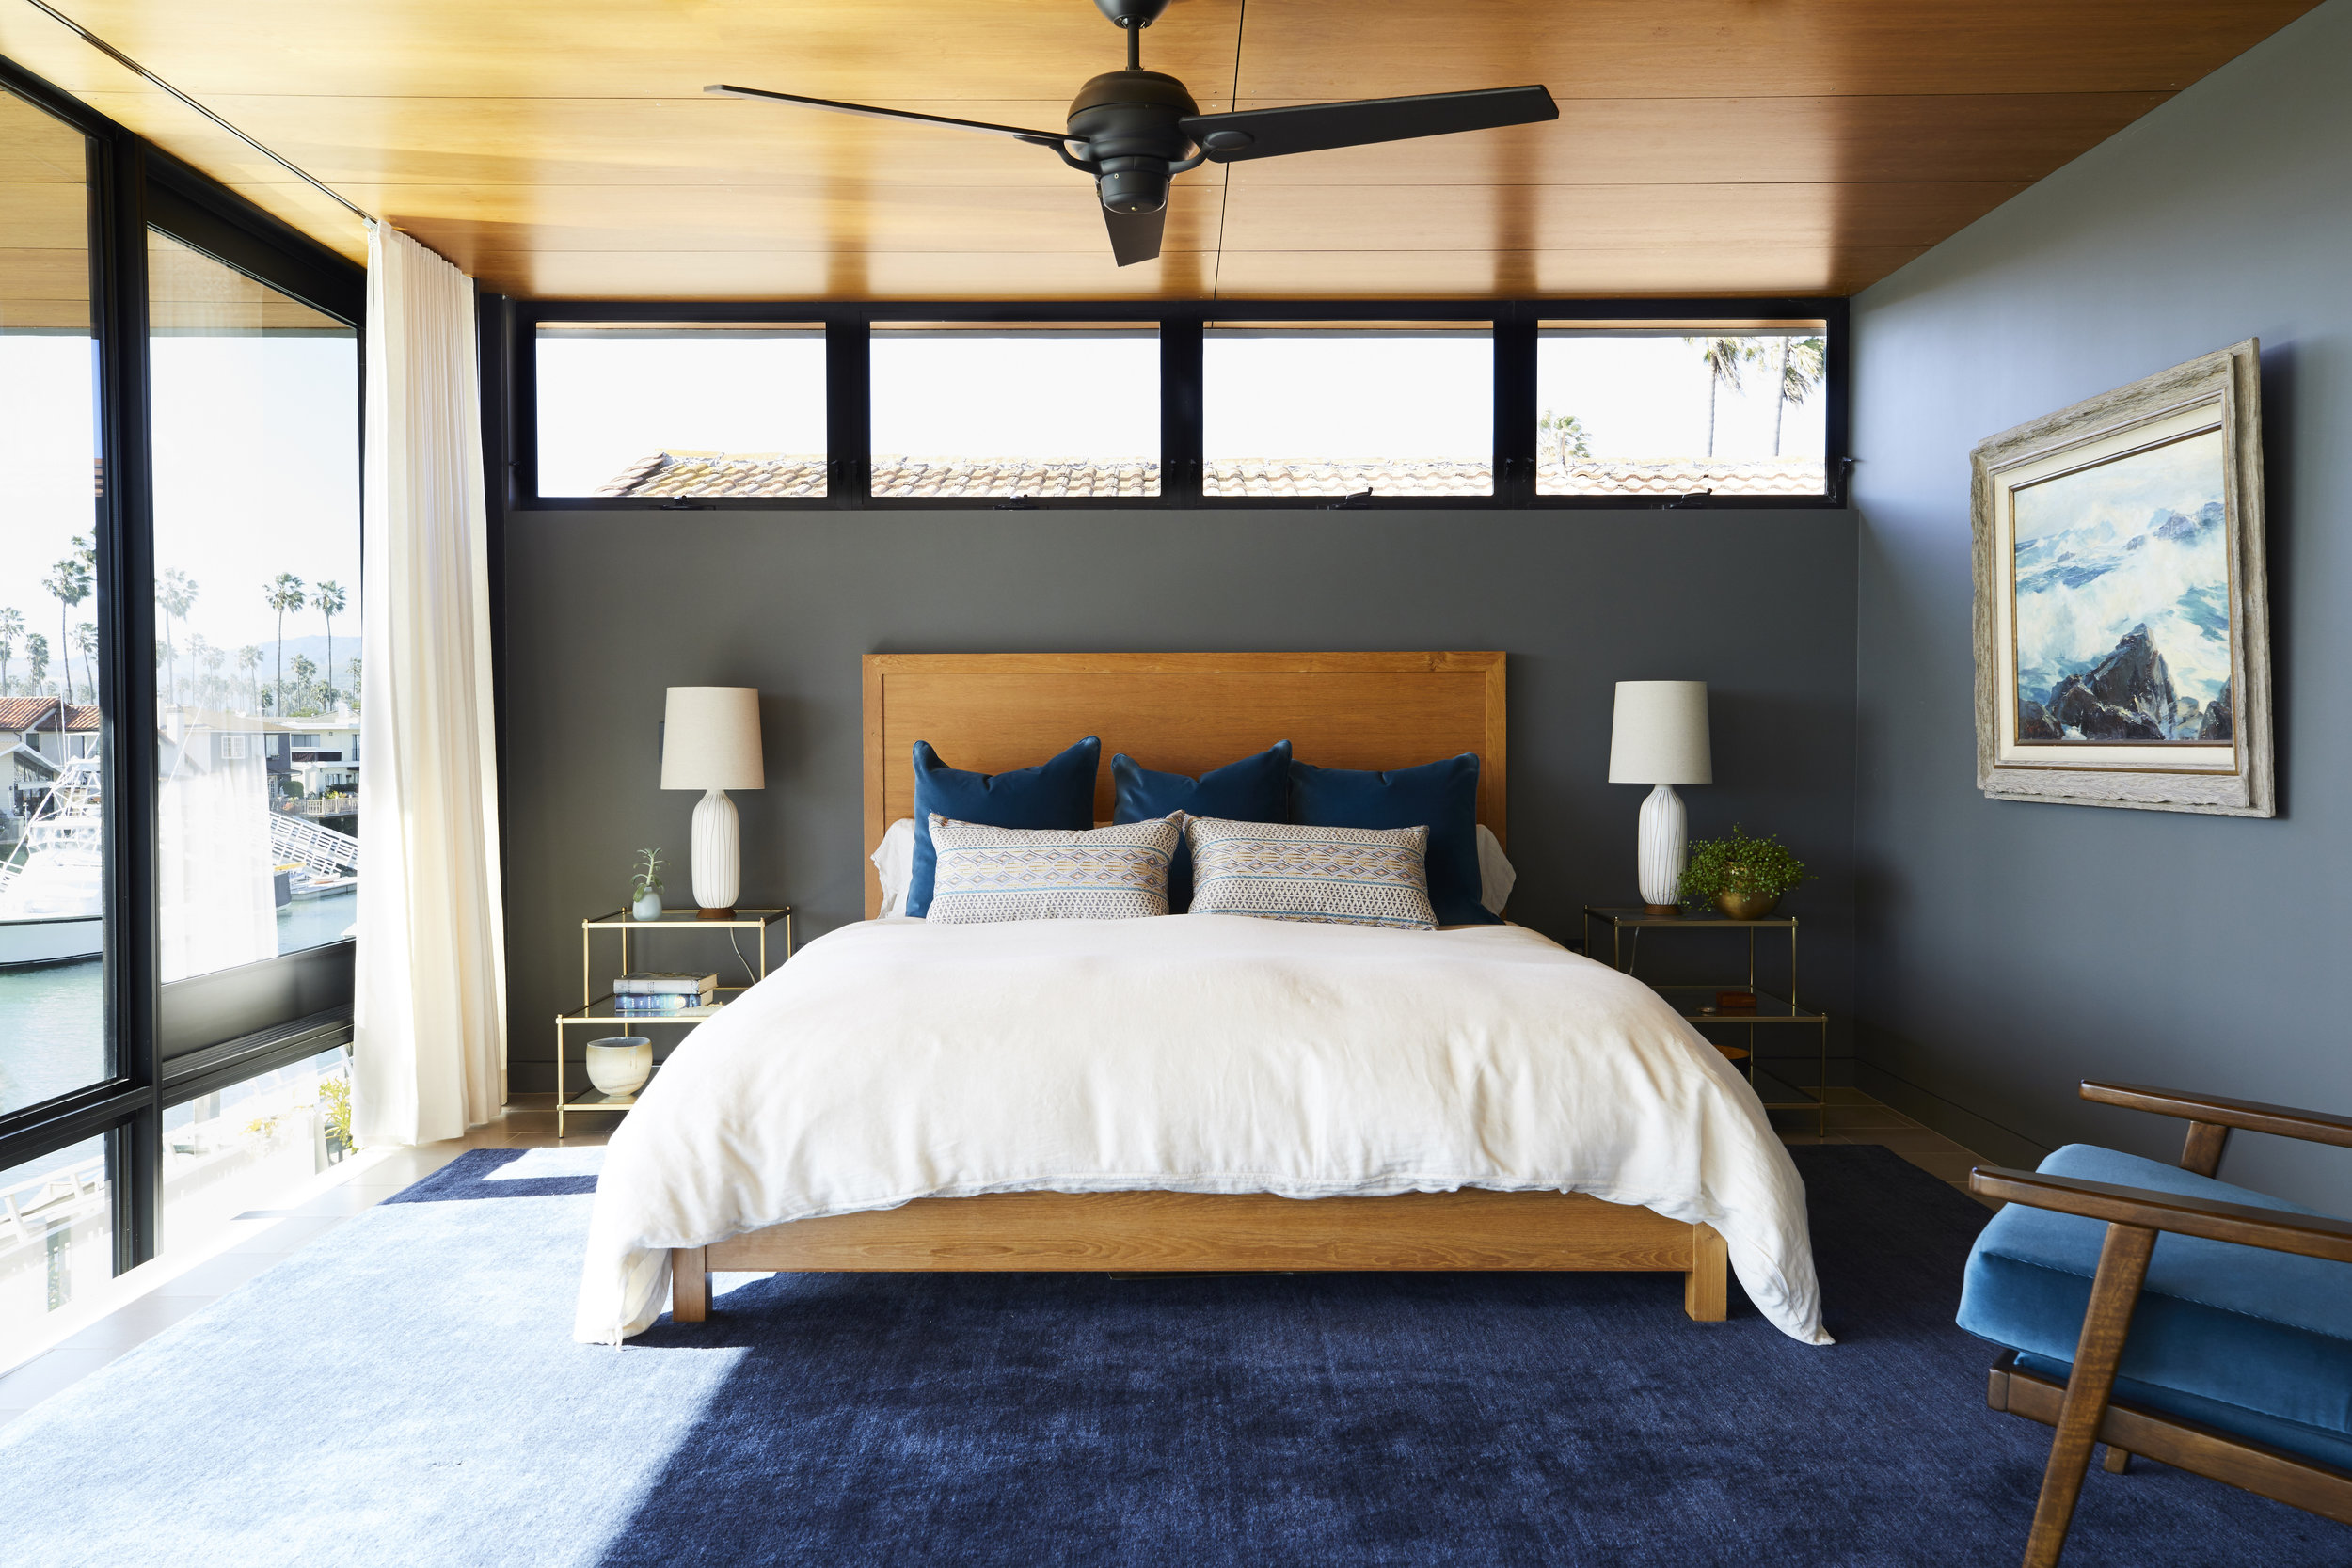 Jette_Ventura_Master_Bedroom_027.jpg